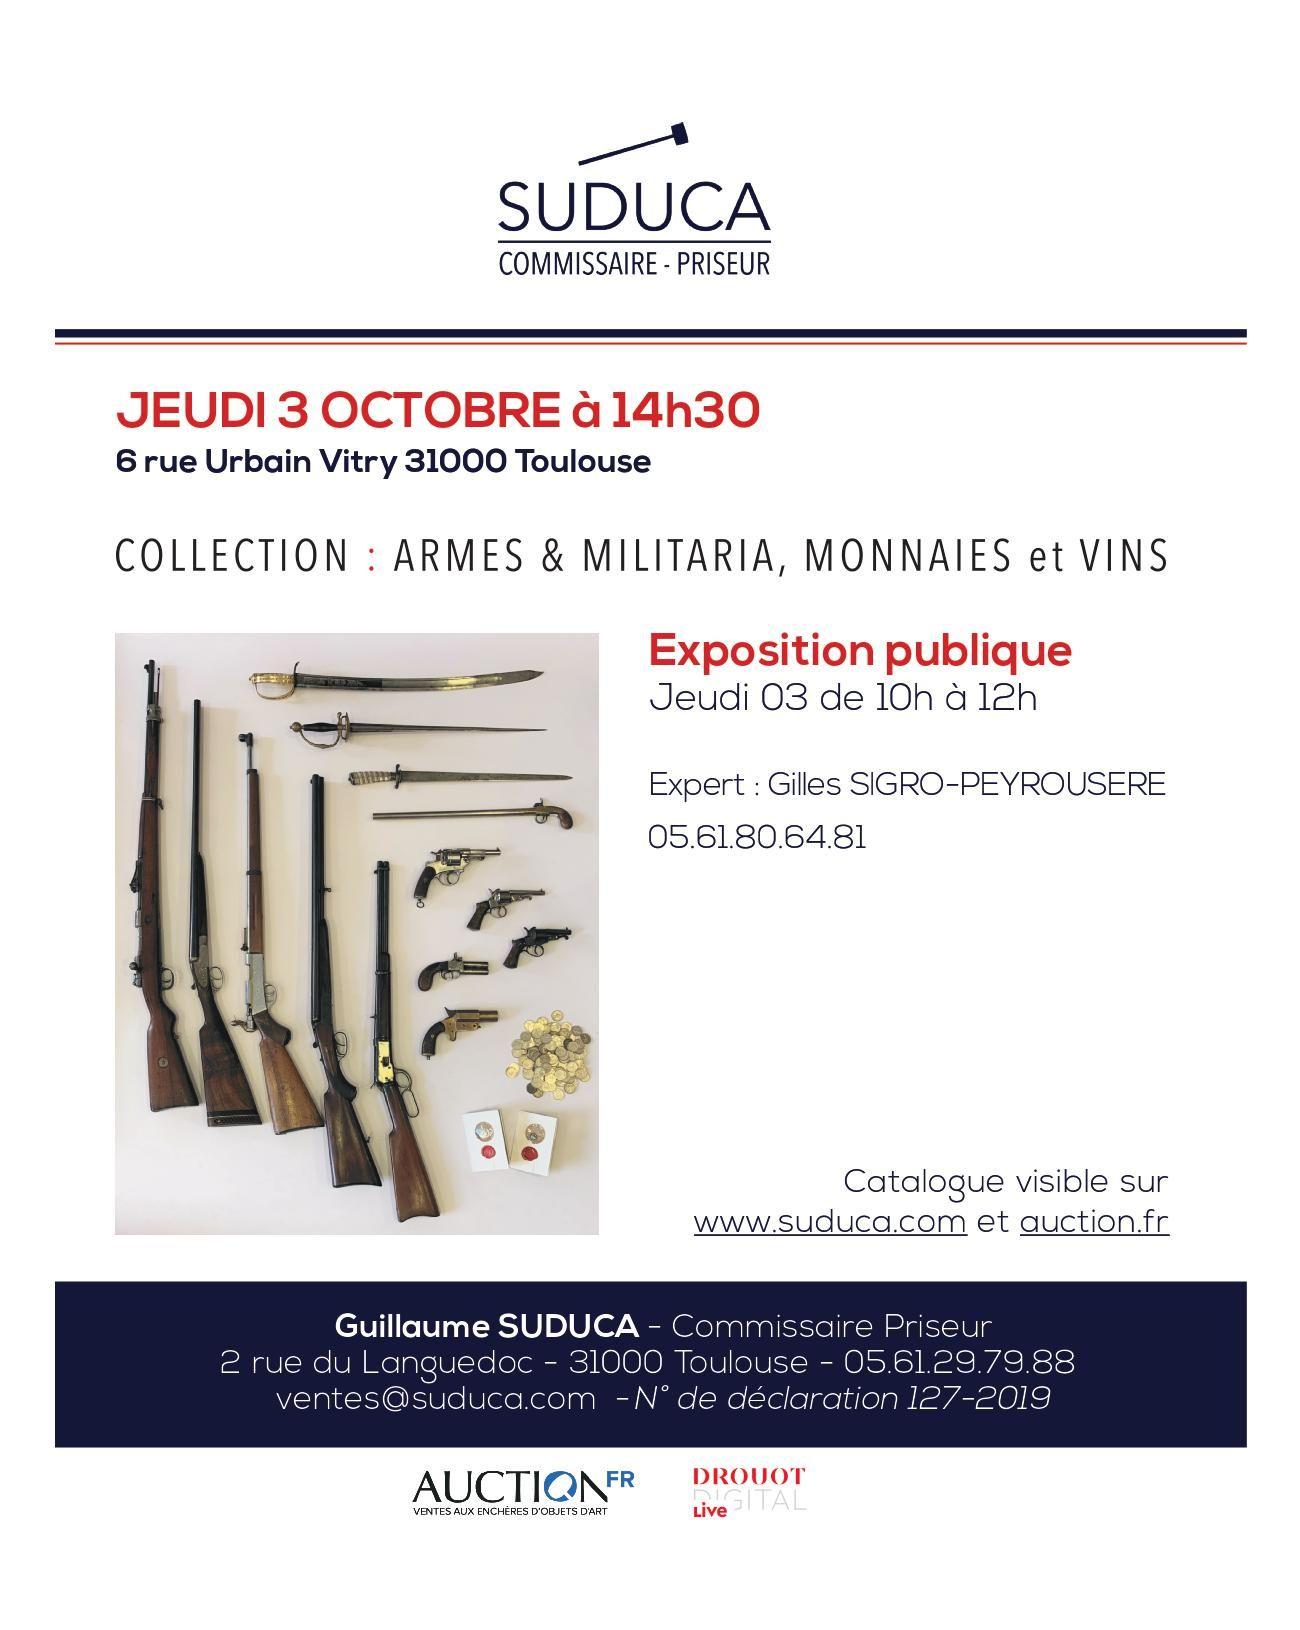 Vente Collection : Armes & Militaria, Monnaies et Vins chez Suduca Commissaire-Priseur : 195 lots